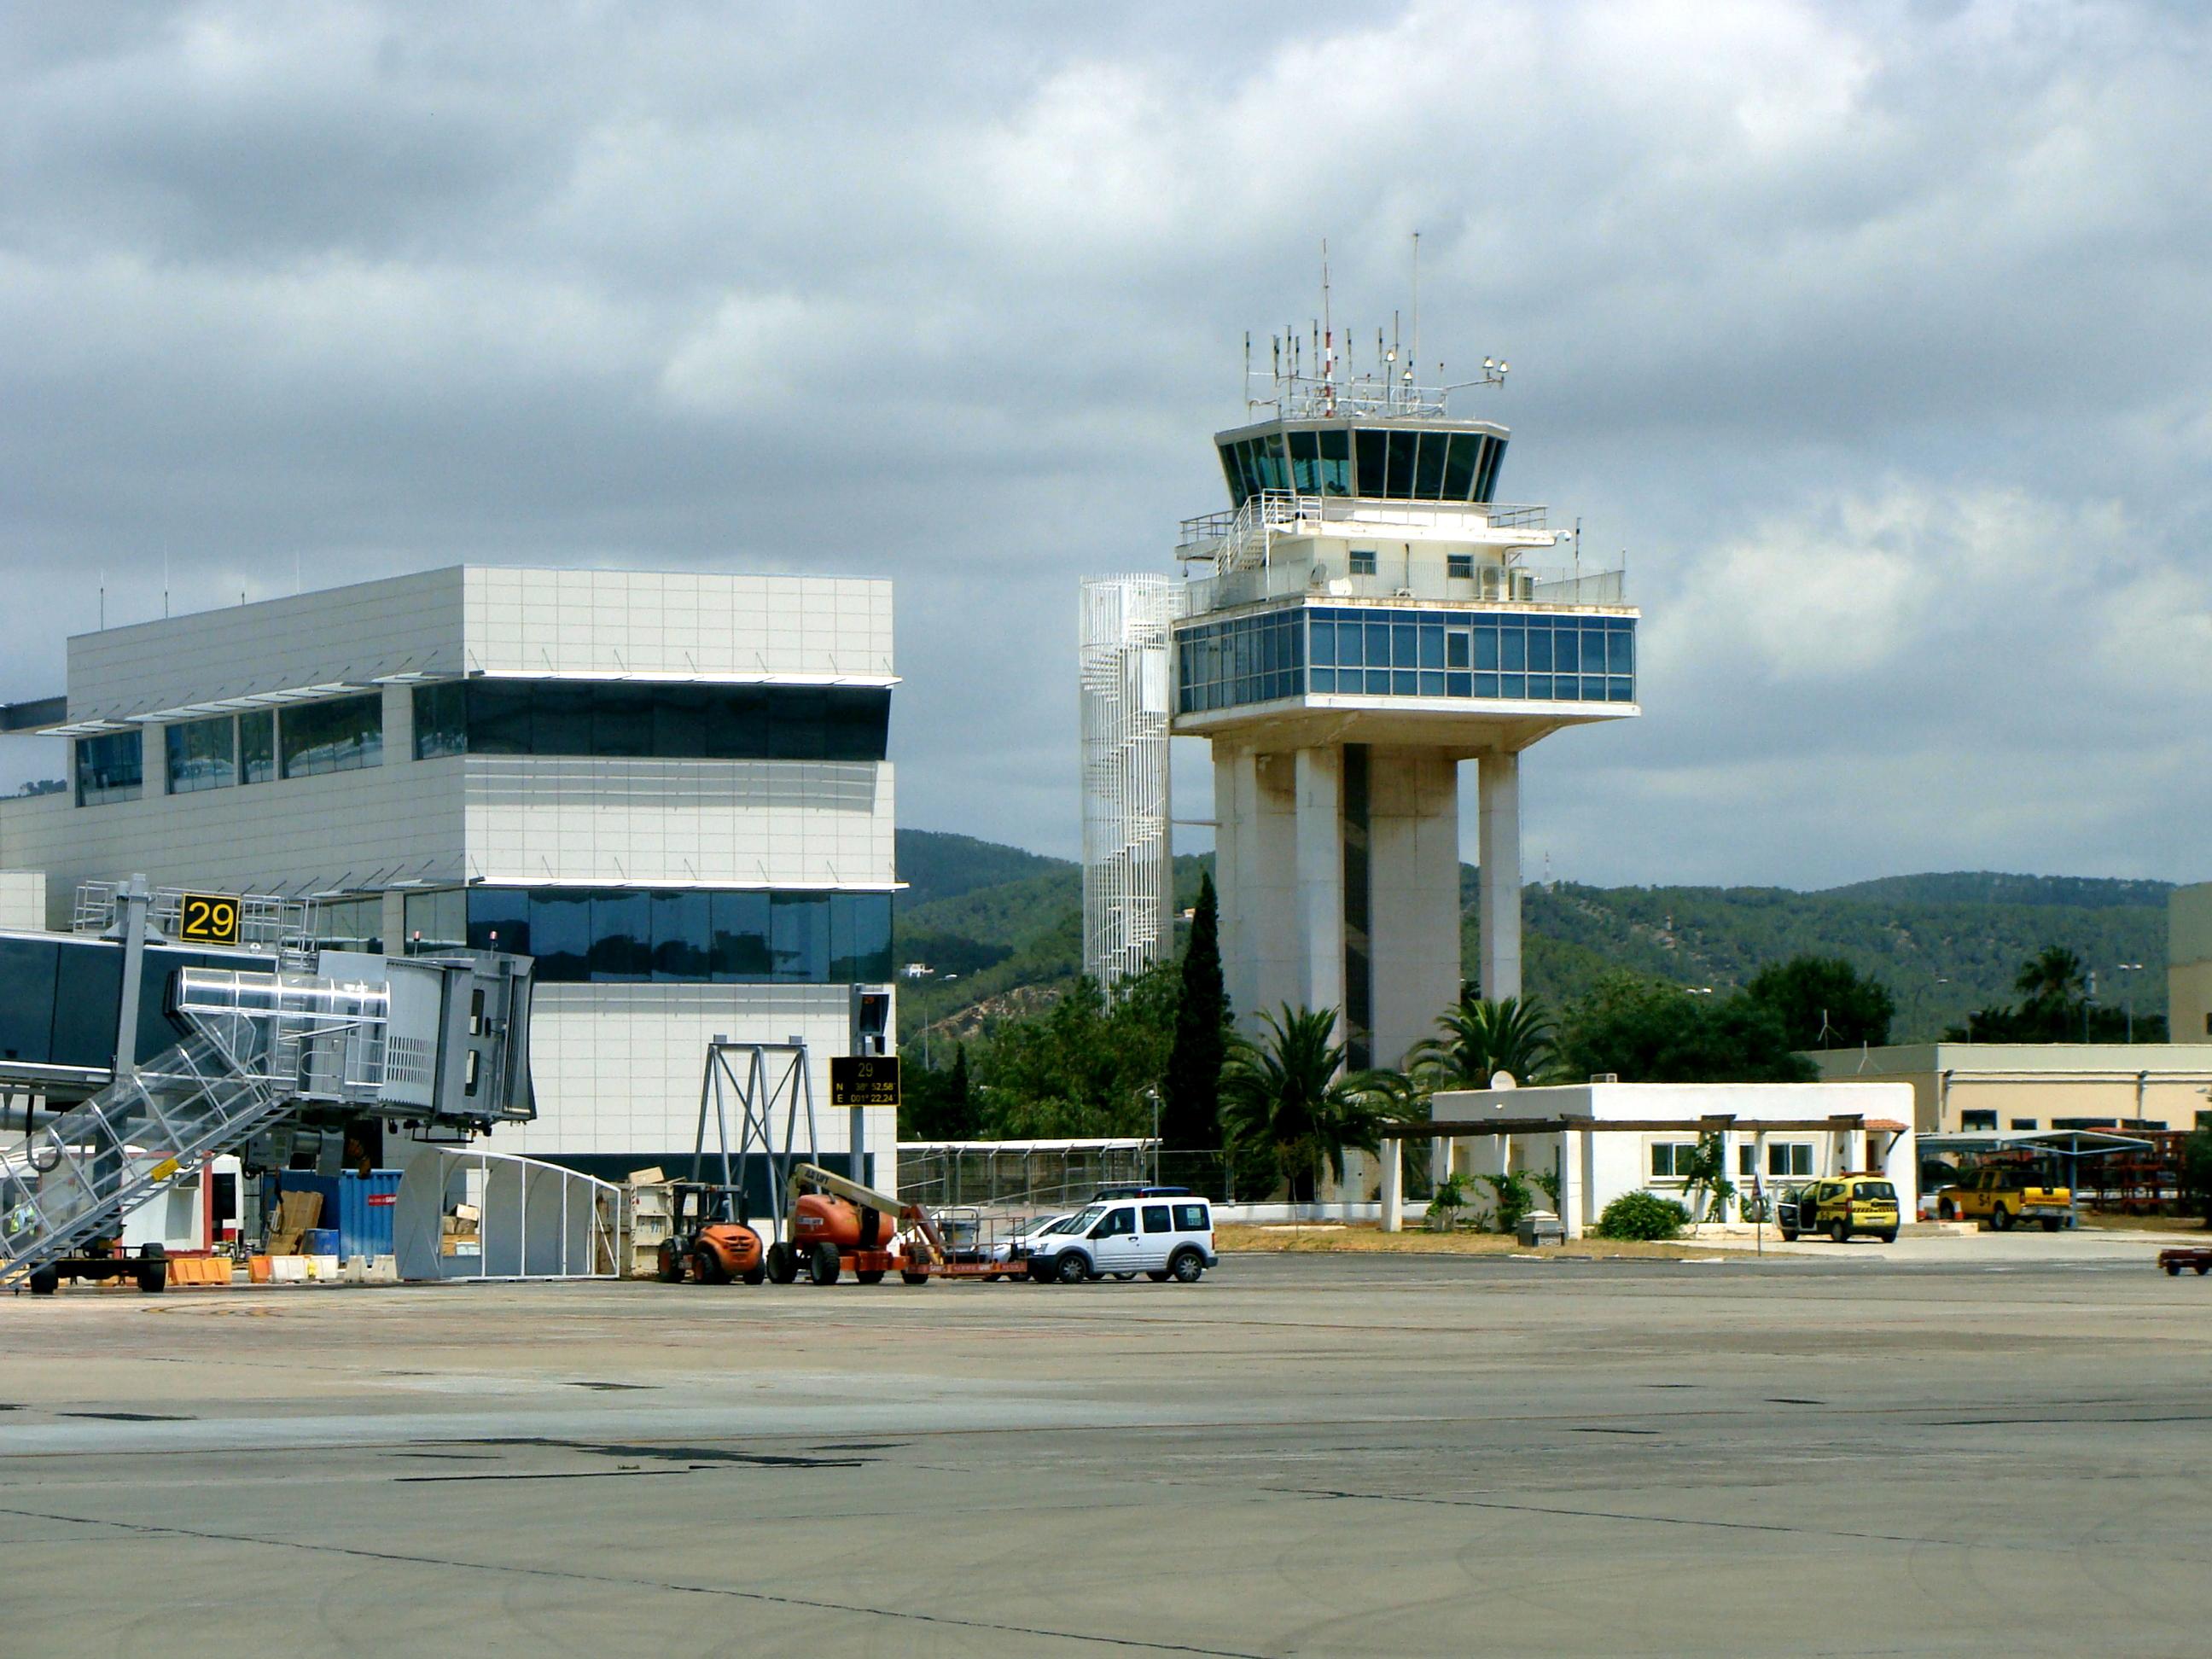 Aeroporto Ibiza : File ibiza airport la tour de contrôle g wikimedia